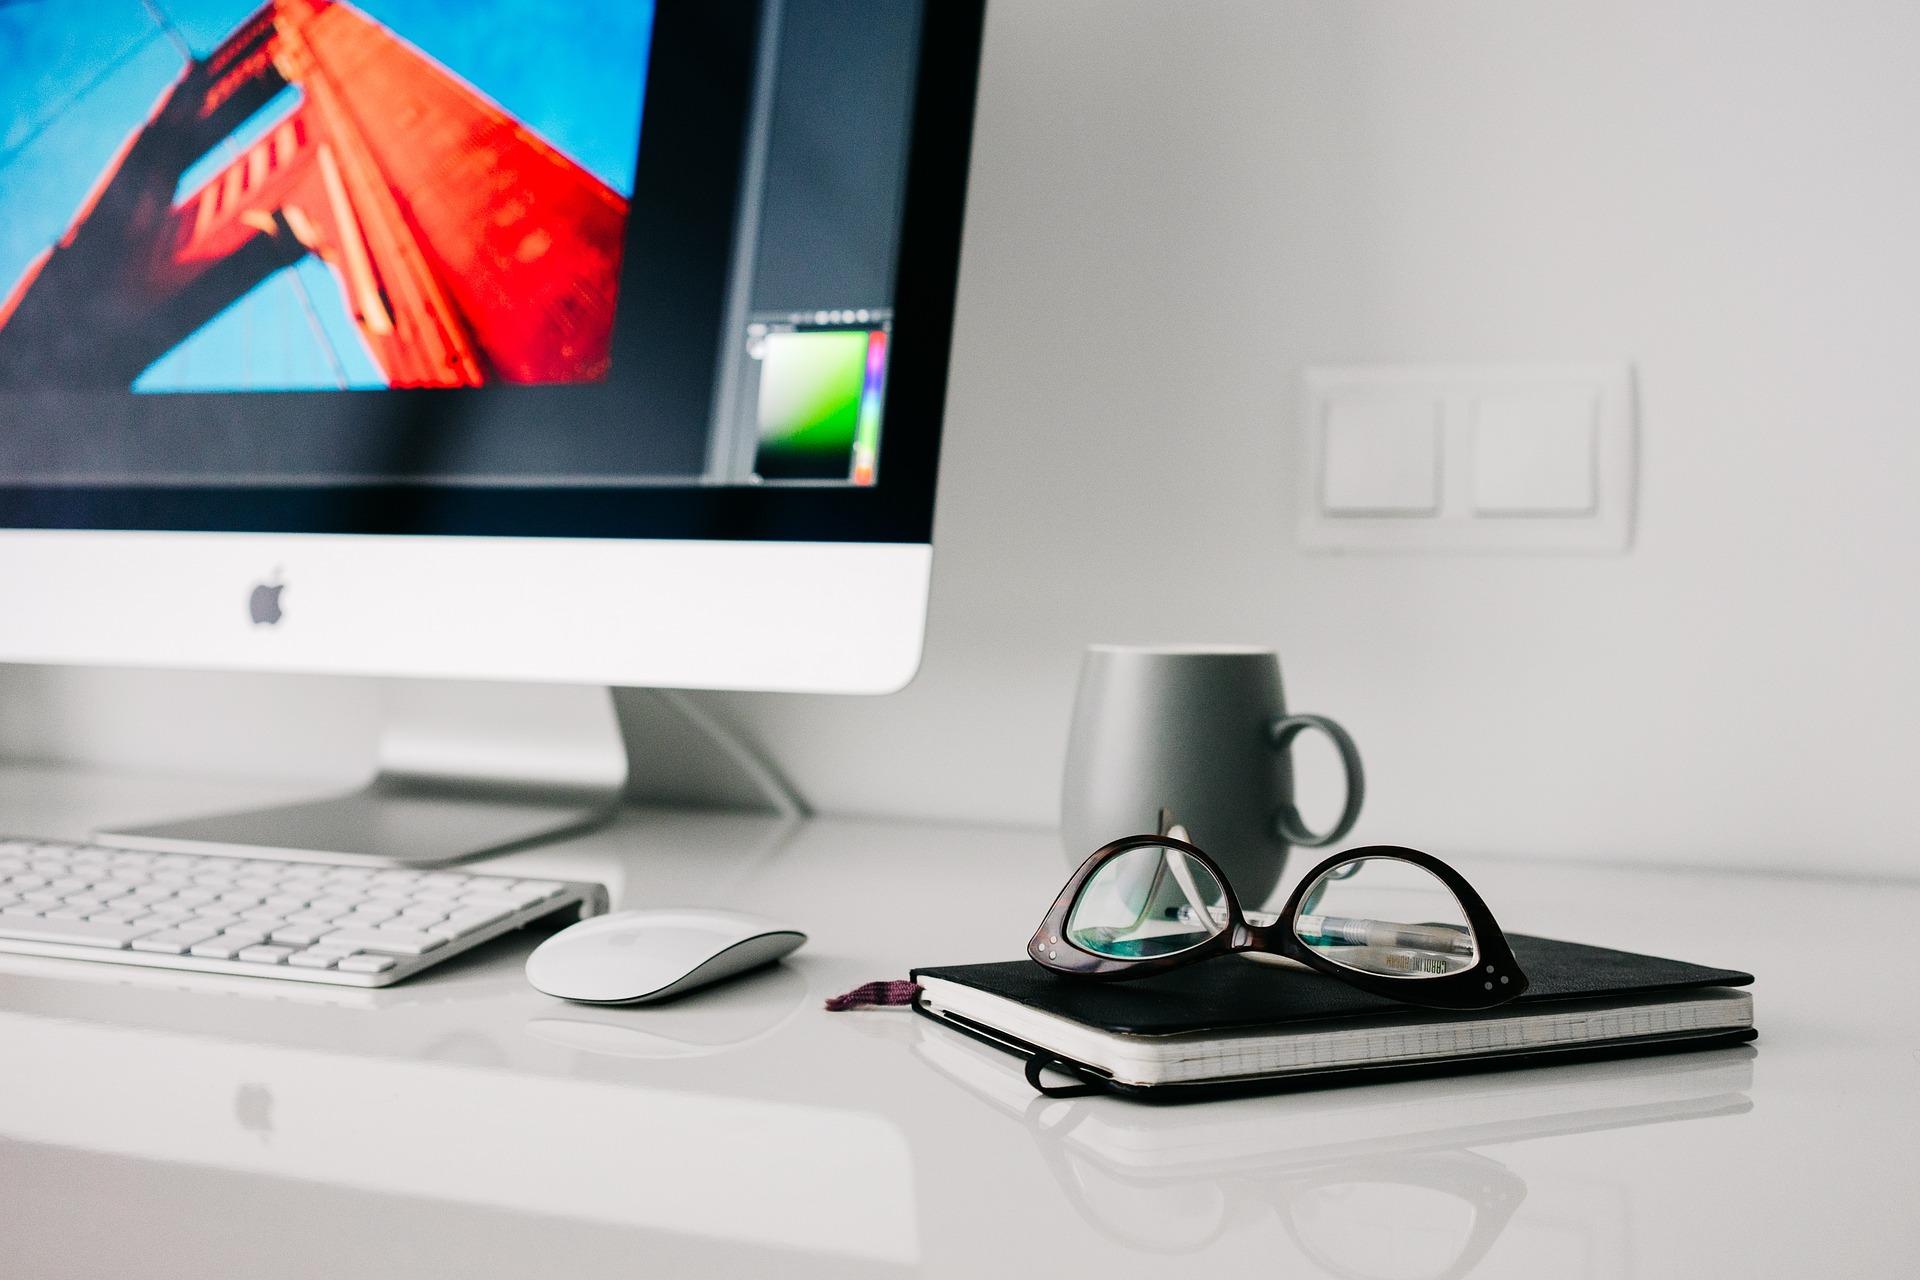 パソコンのキーボードの横に置いてある手帳の上にメガネが置かれている